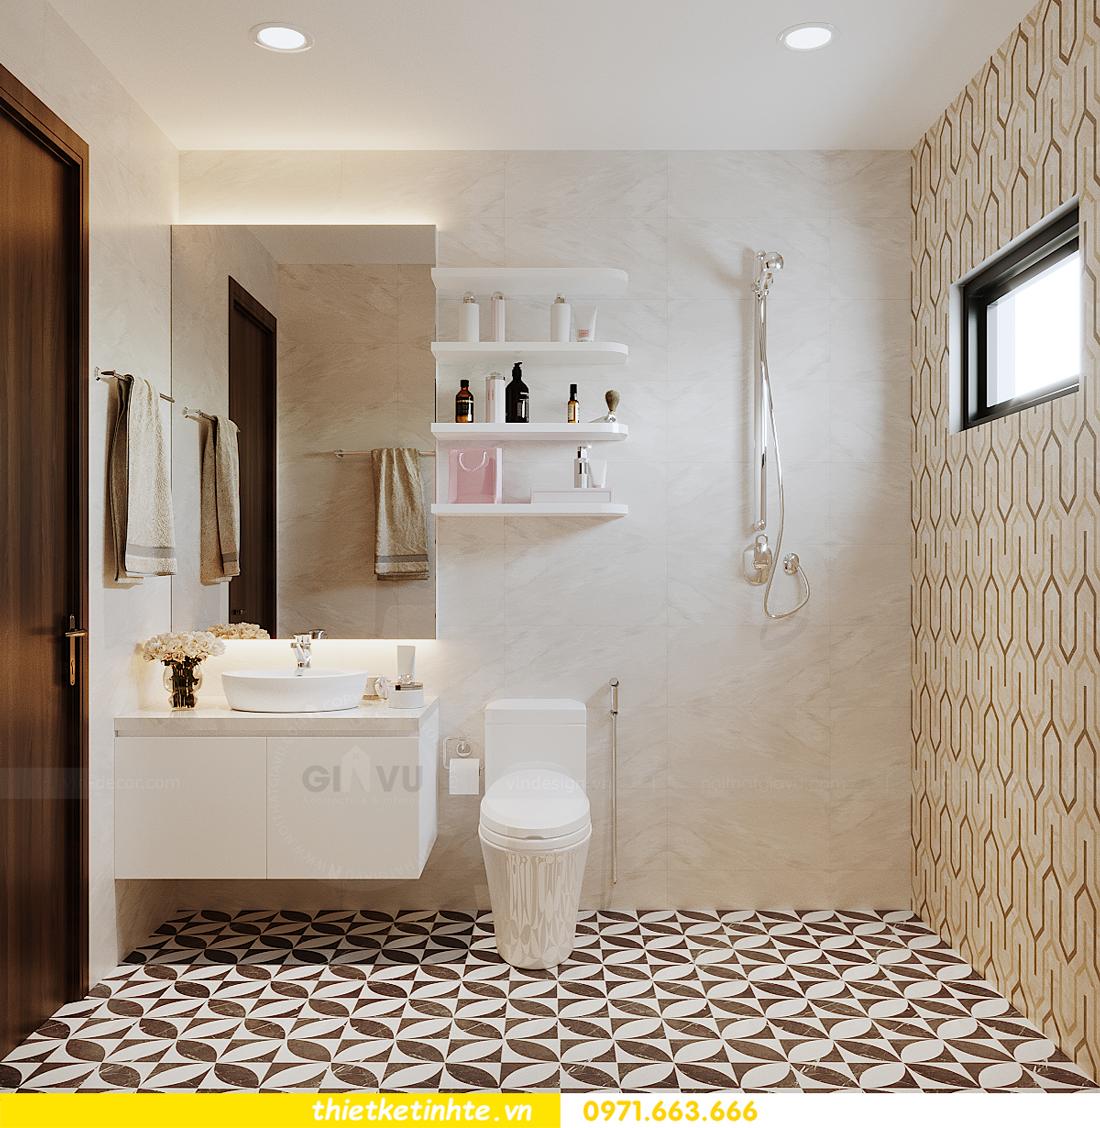 thiết kế nội thất nhà phố hiện đại nhà chị Linh Bắc Giang 14